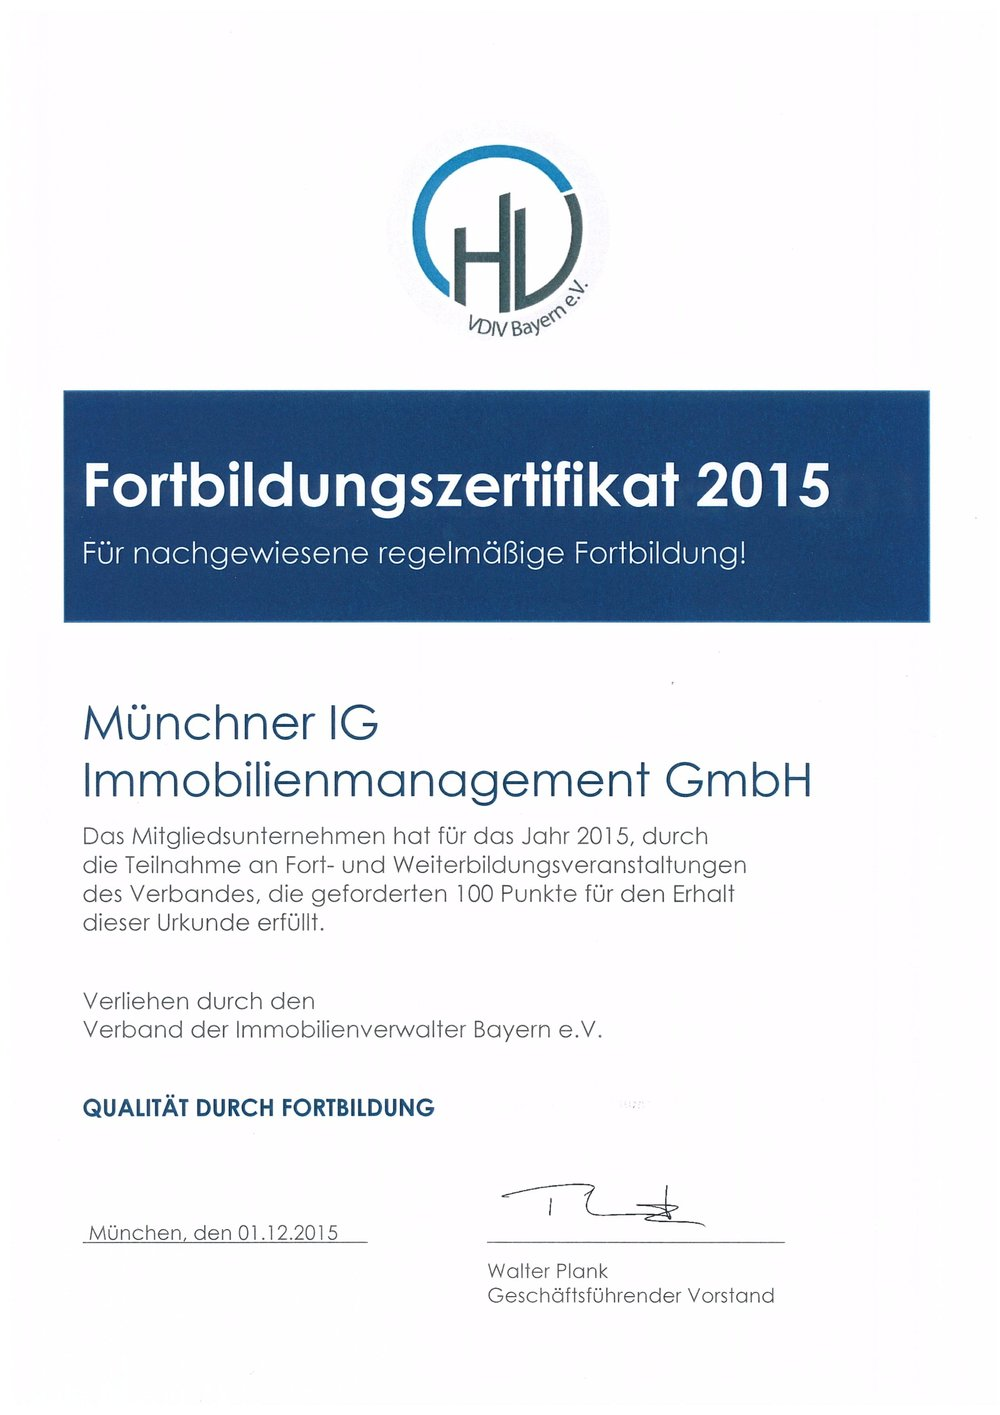 AktuellesFortbildungszertifikat aus 2014 vom Verband der Immobilienverwalter Bayern e.V.